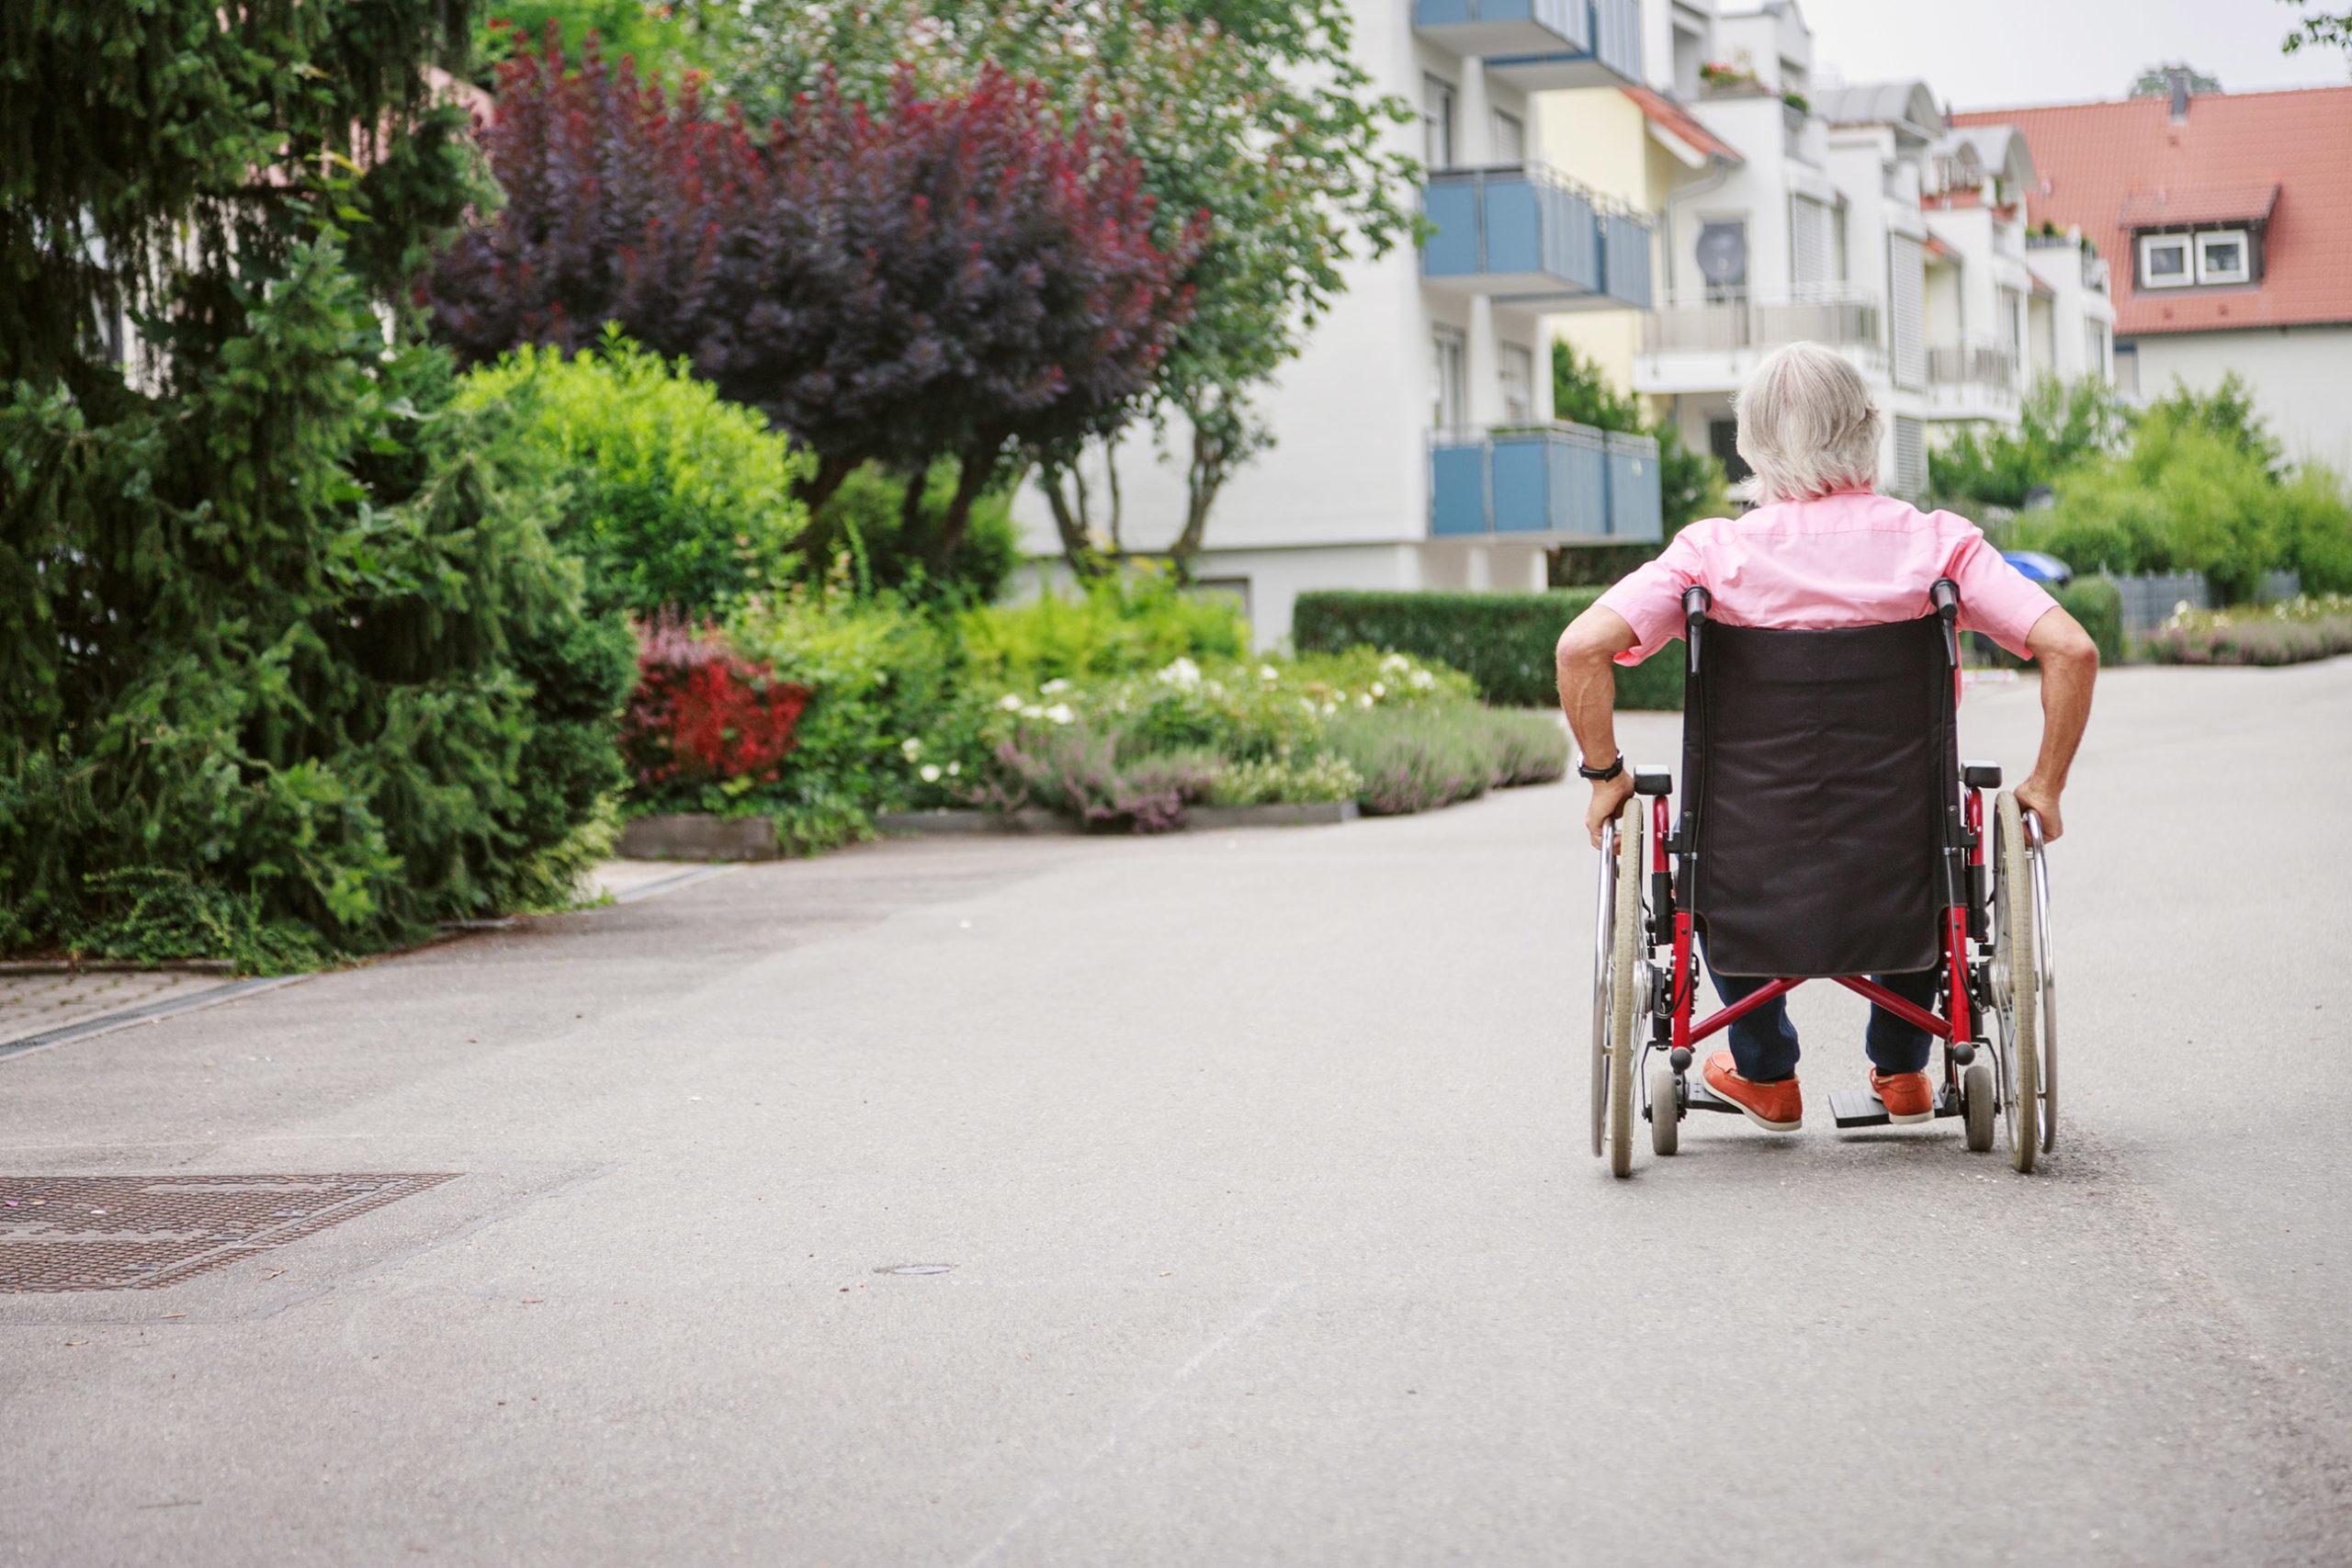 investir solidaire habitat inclusif personne en fauteuil roulant